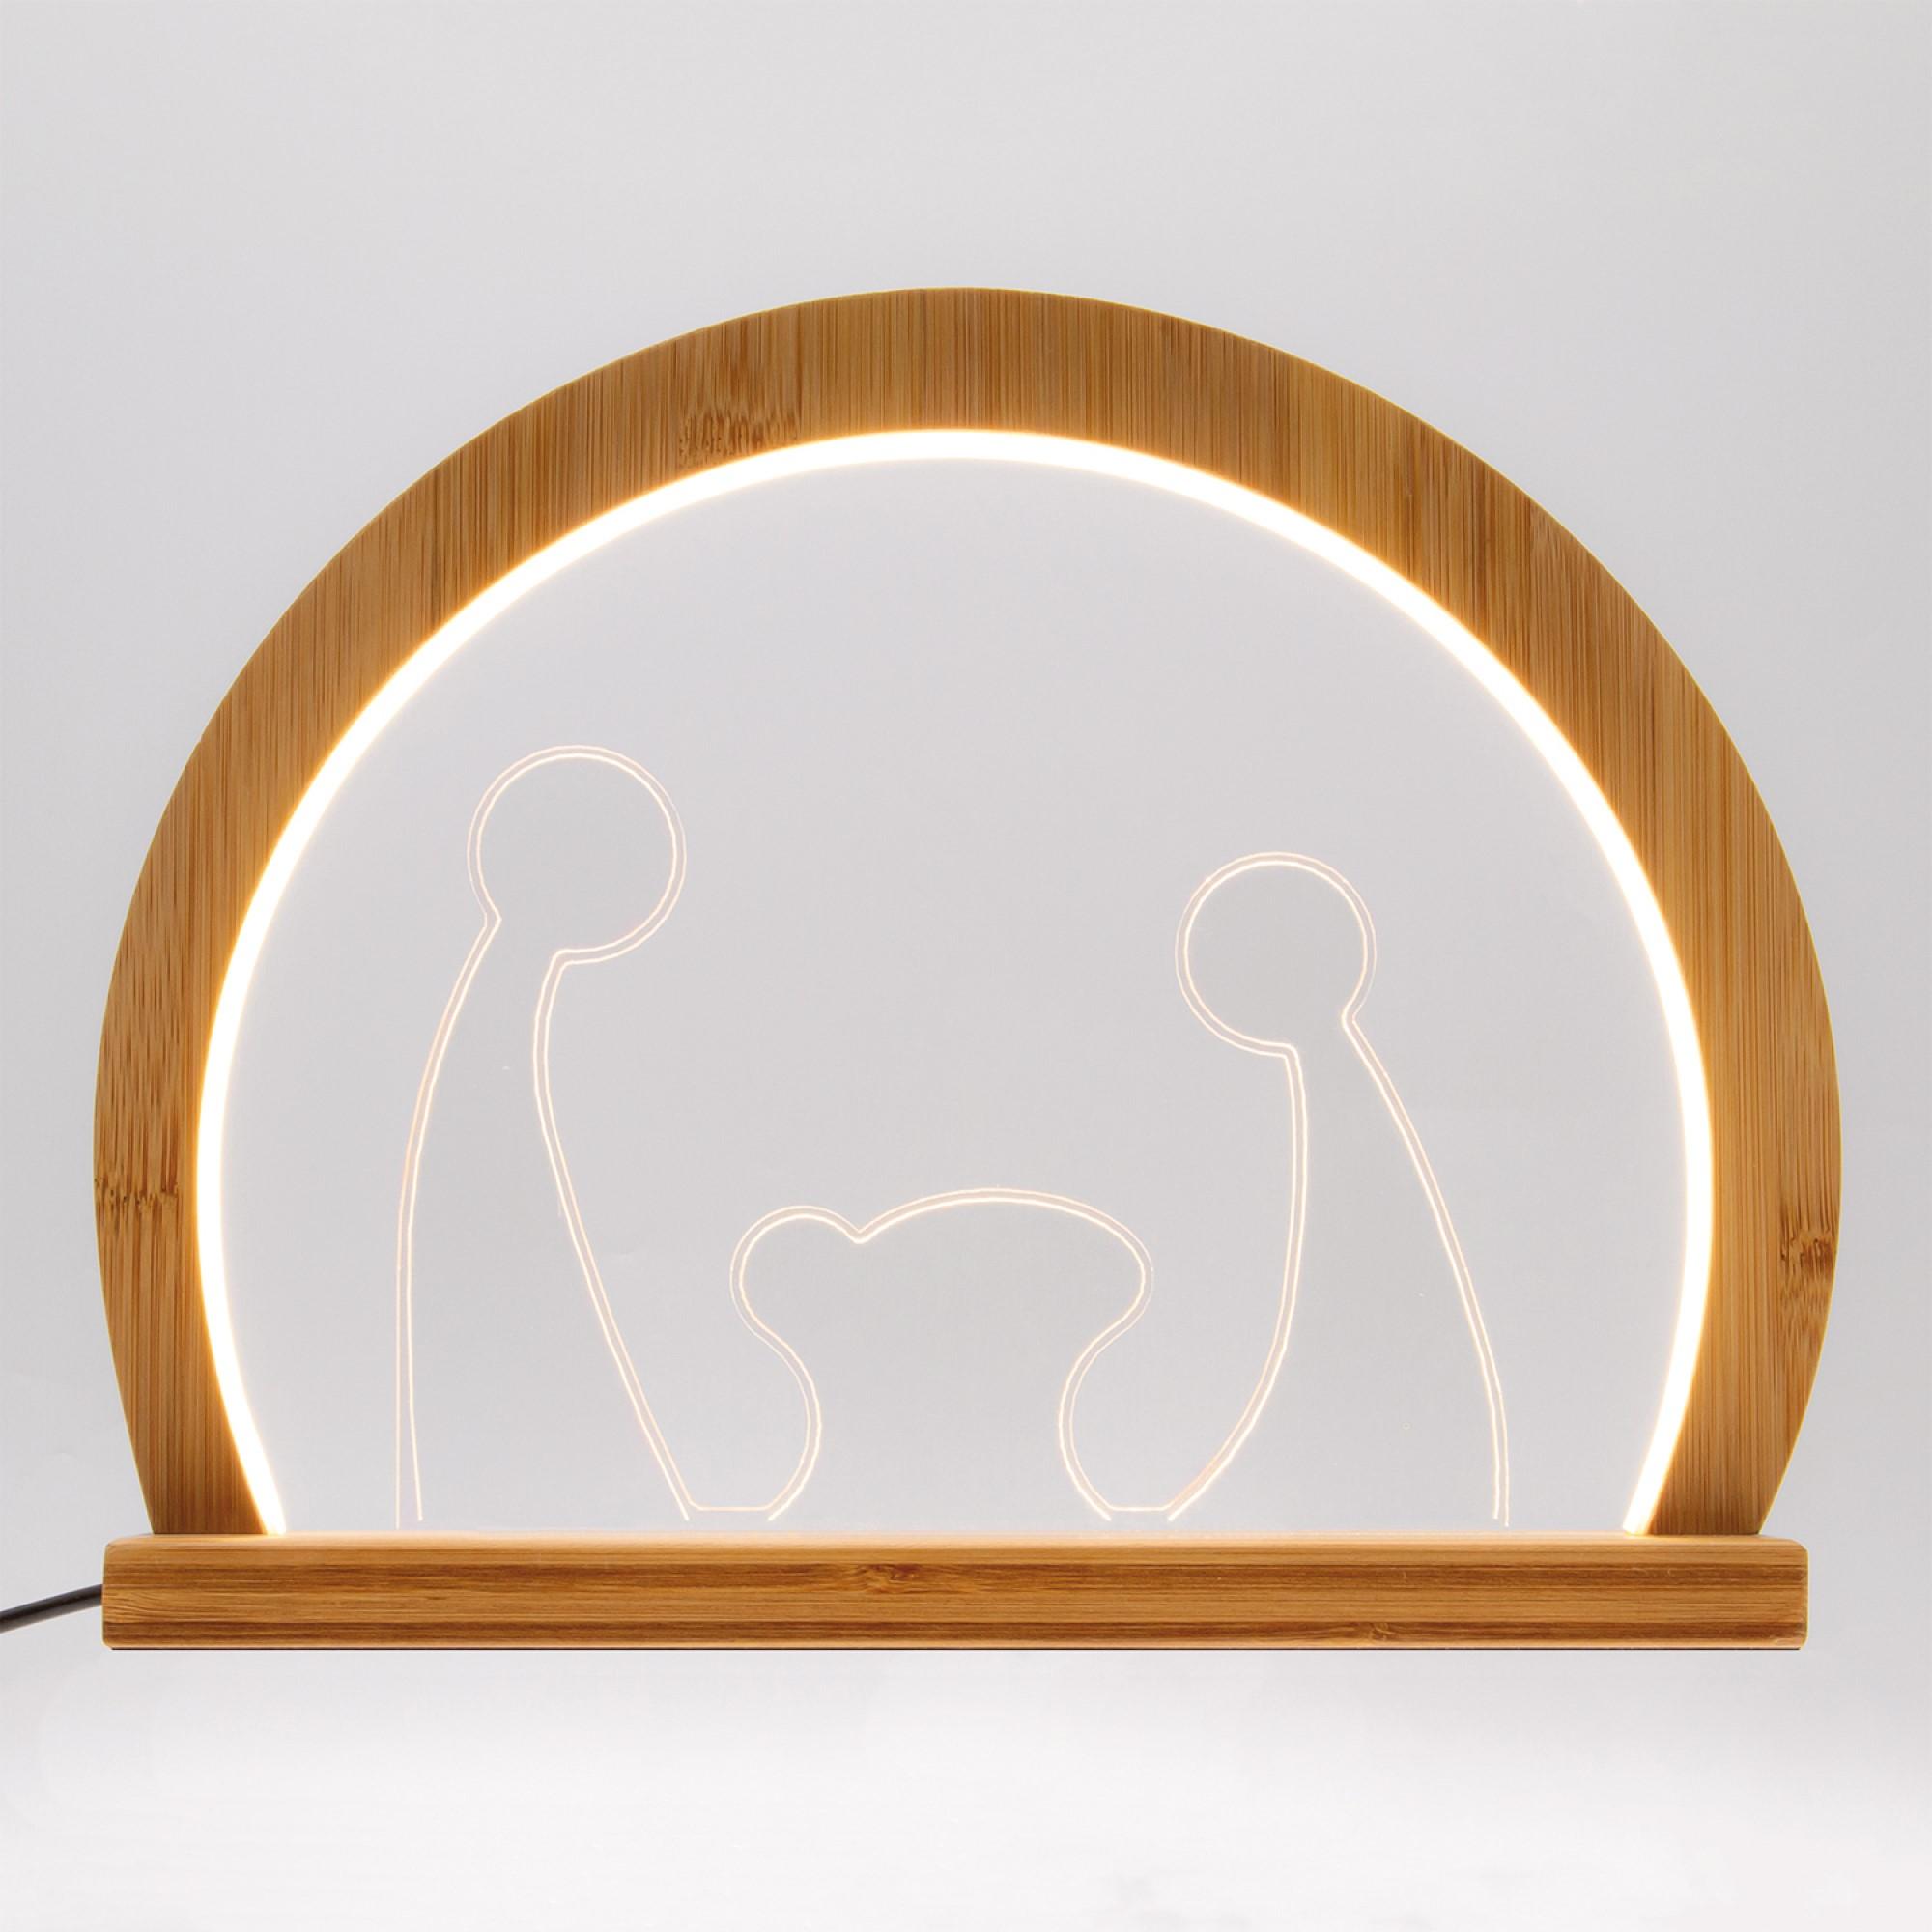 Lotti LED-Lichterbogen Krippenszene rund, Holz, 3000K, 30cm, IP20 58736